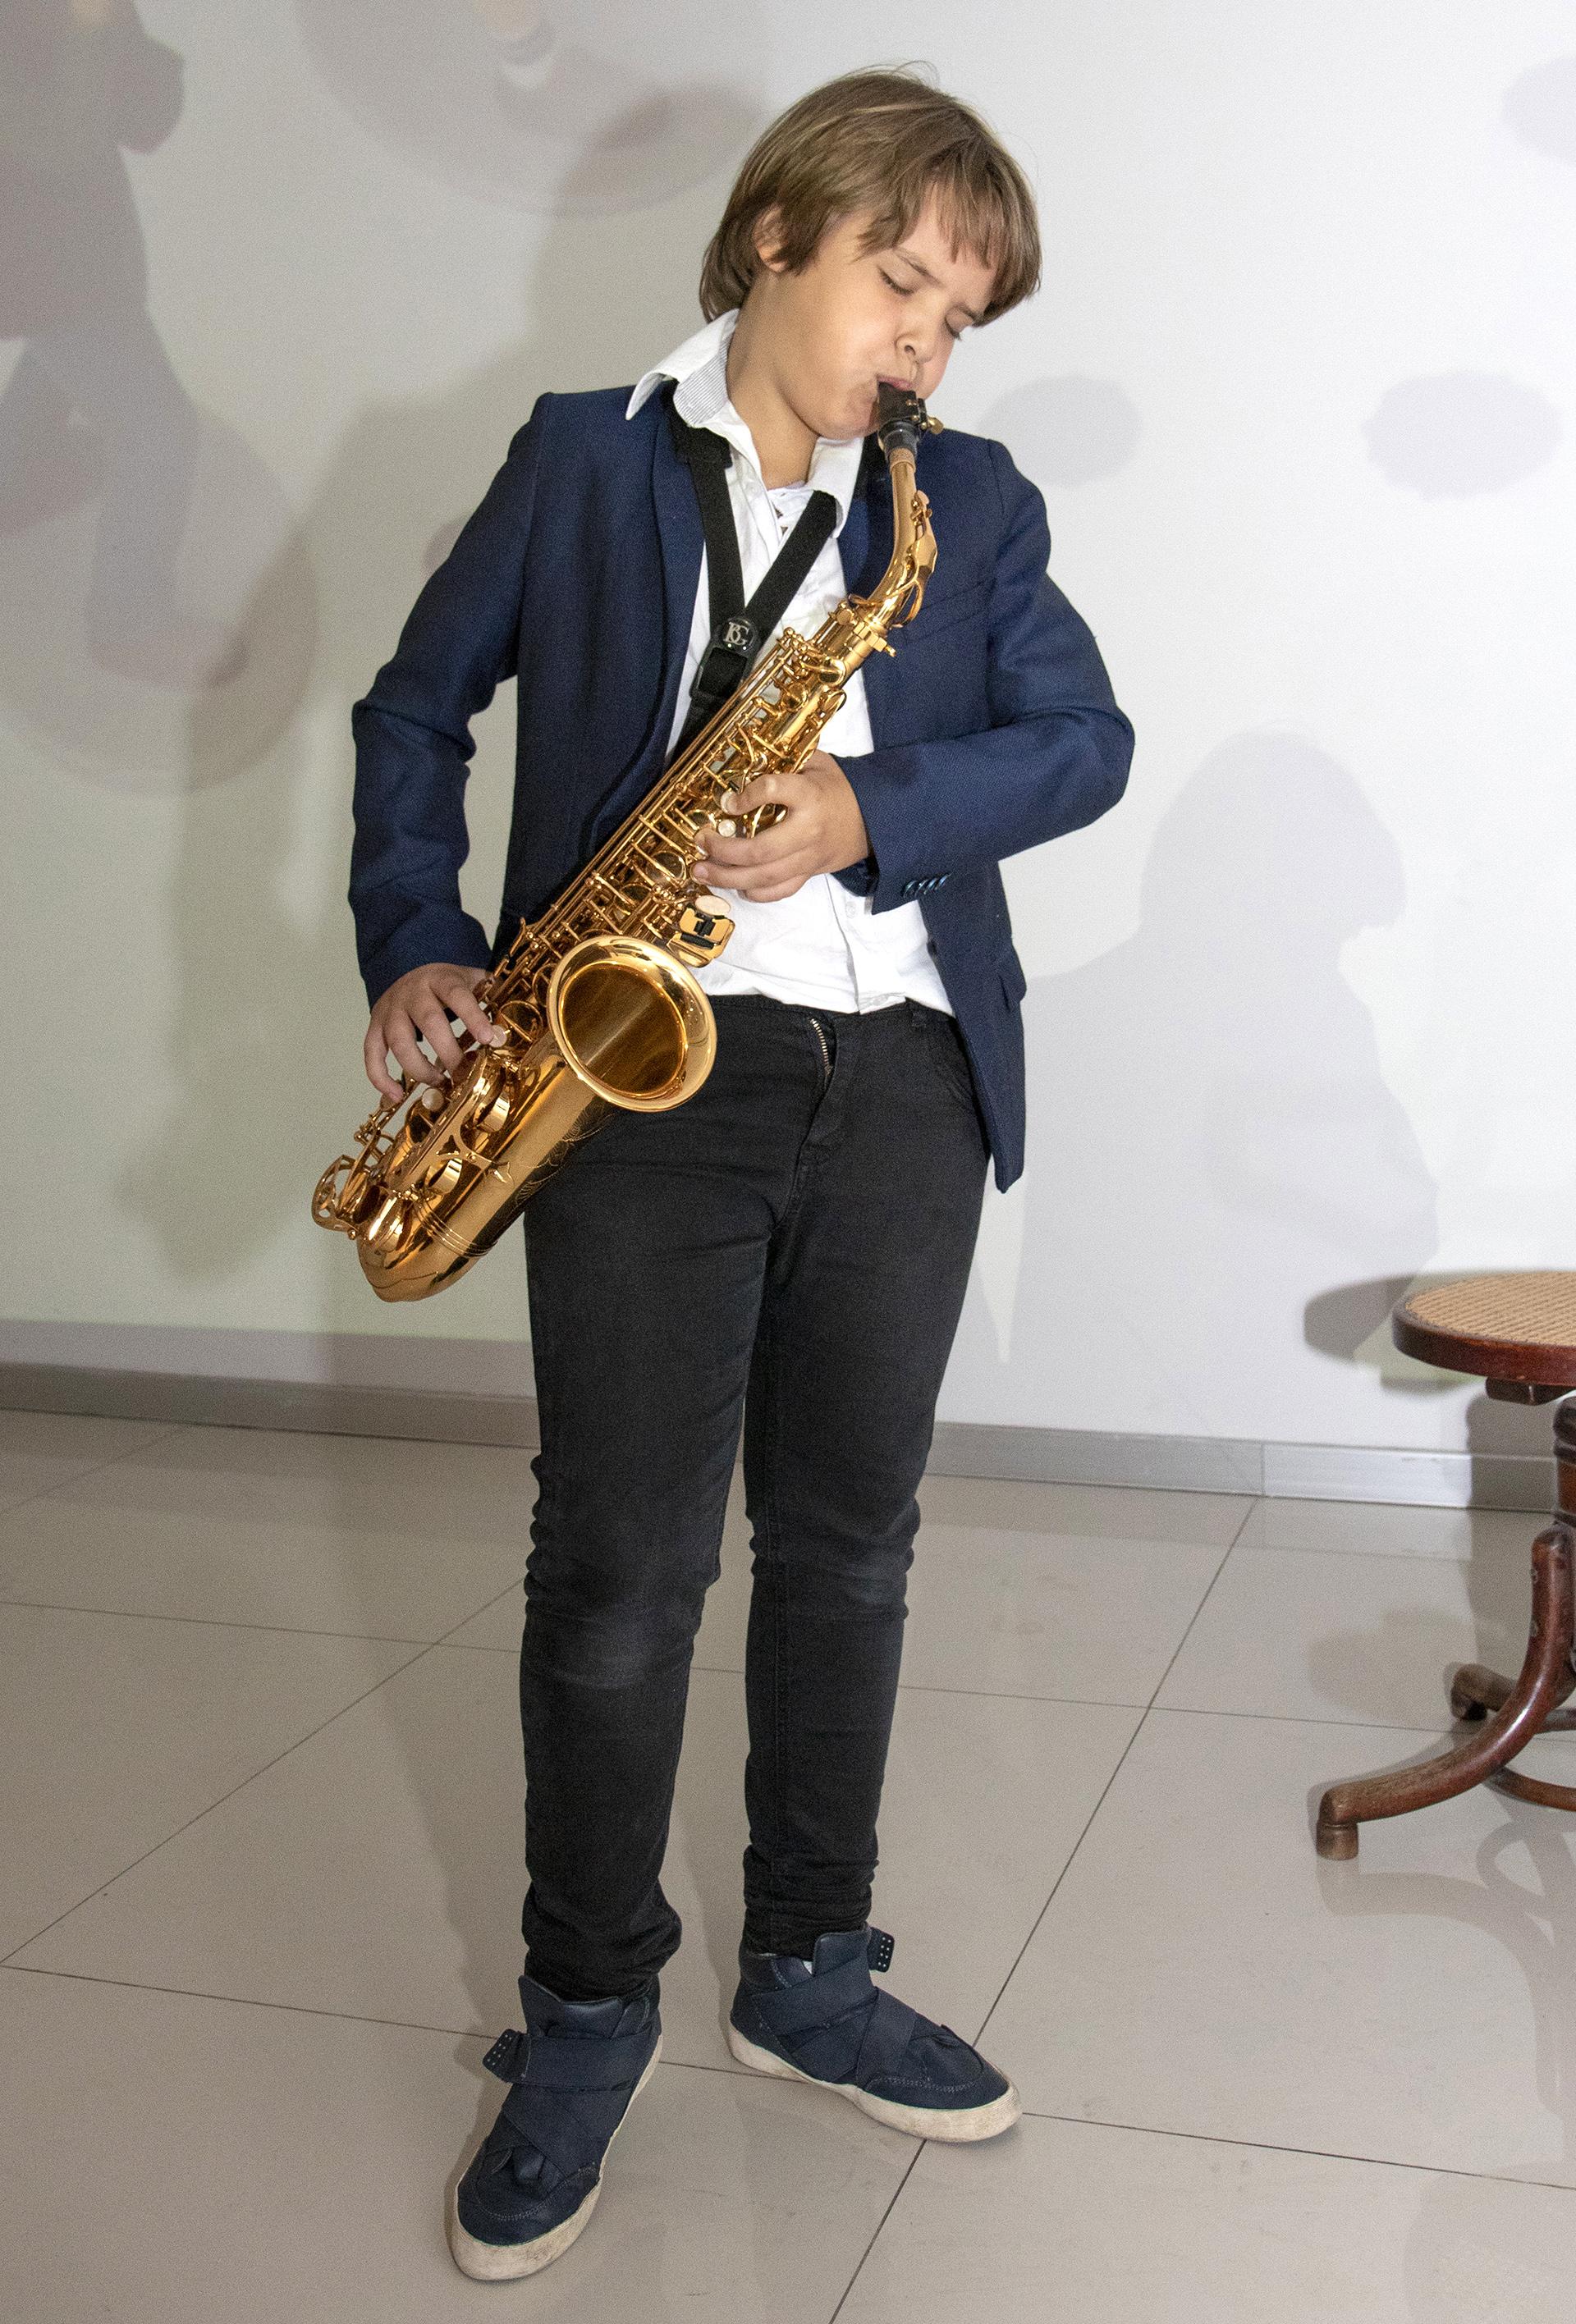 Lorenzo Pettinato sorprendió a los invitados tocando el saxo con un gran talento